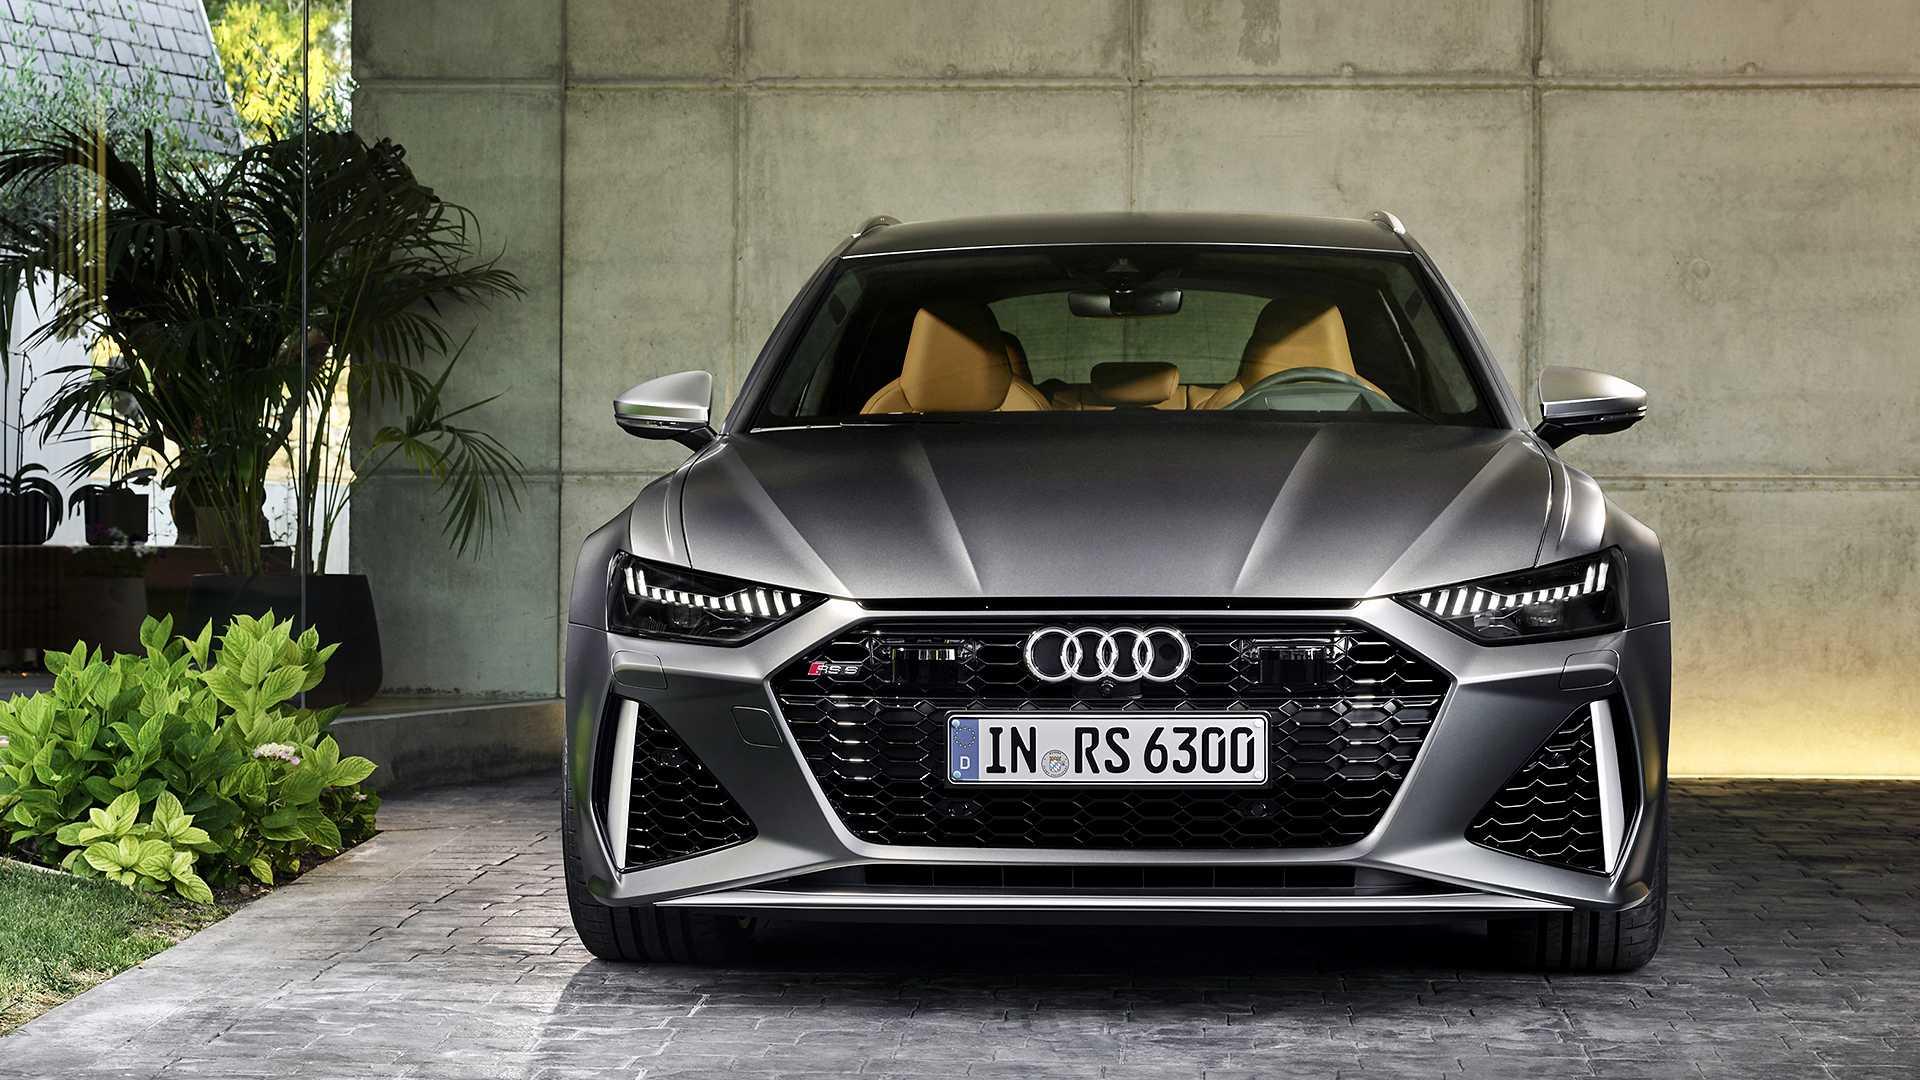 Audi RS6 Avant lần đầu ra mắt tại Mỹ kỷ niệm 25 năm dòng xe RS của Audi - 9